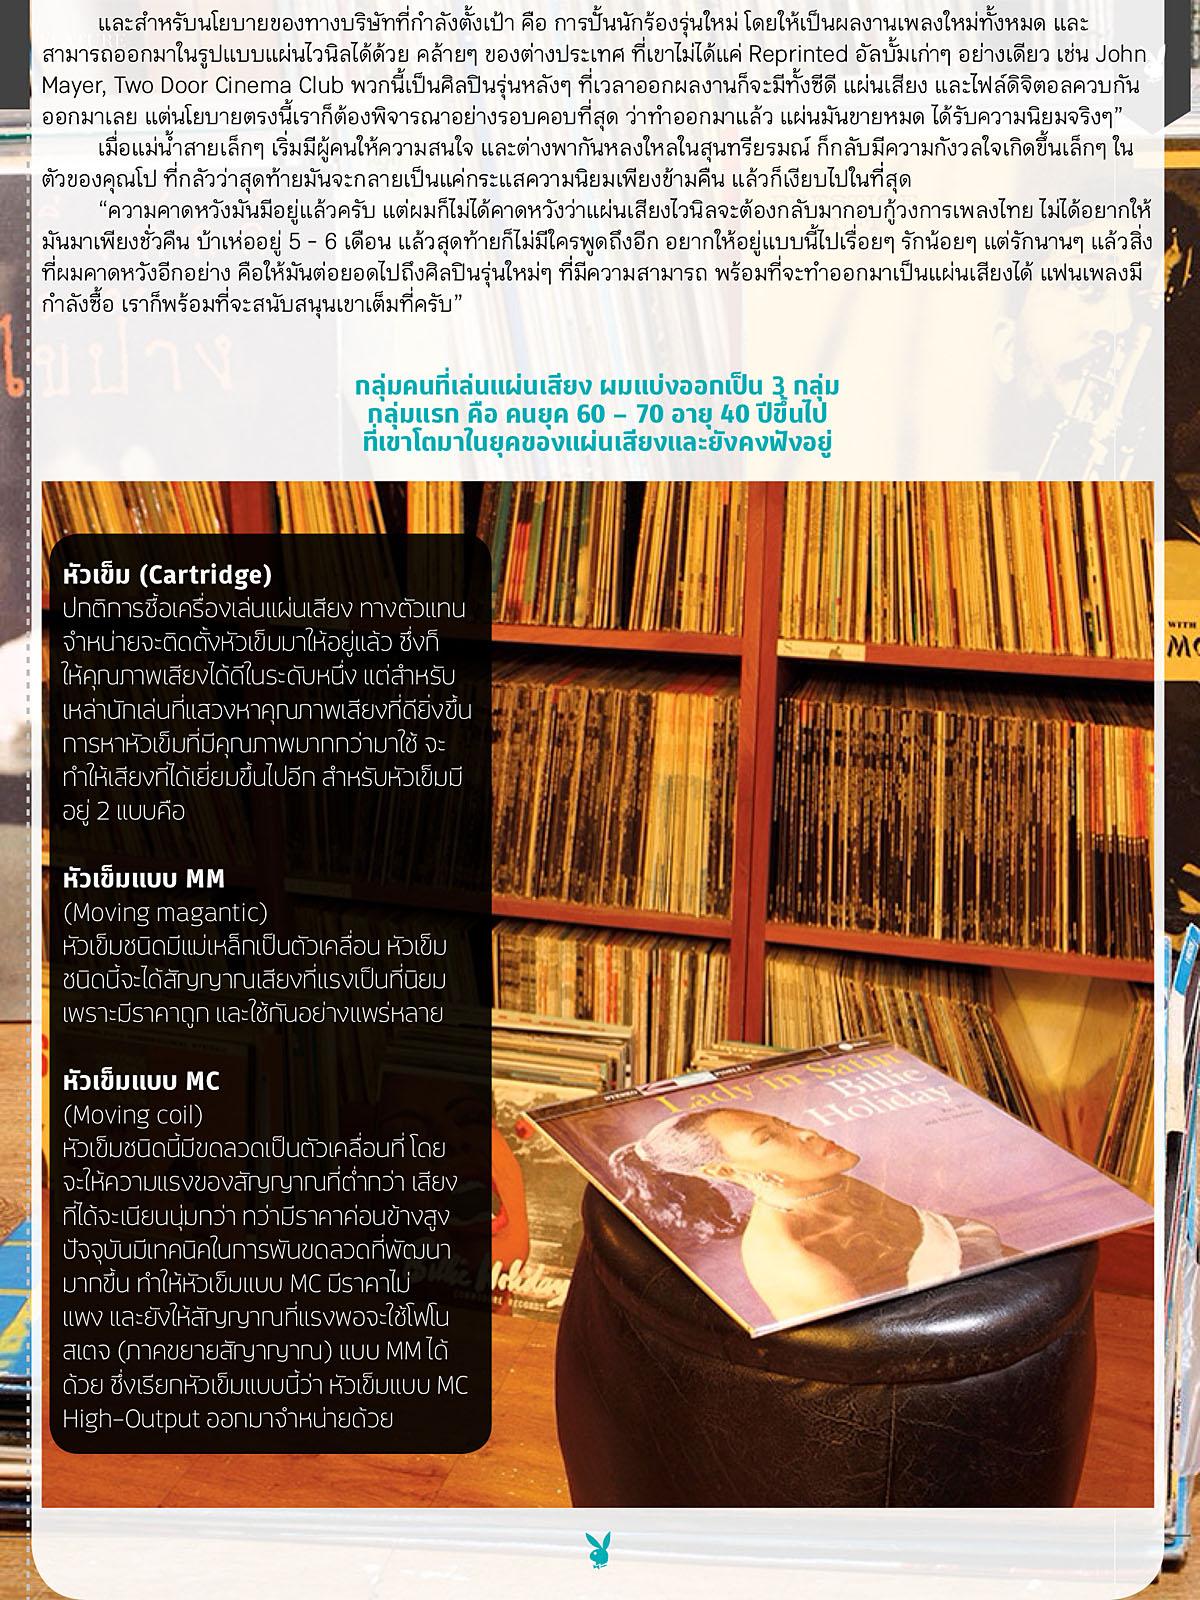 Playboy Thailand 2013-12 Vinyl 06.jpg